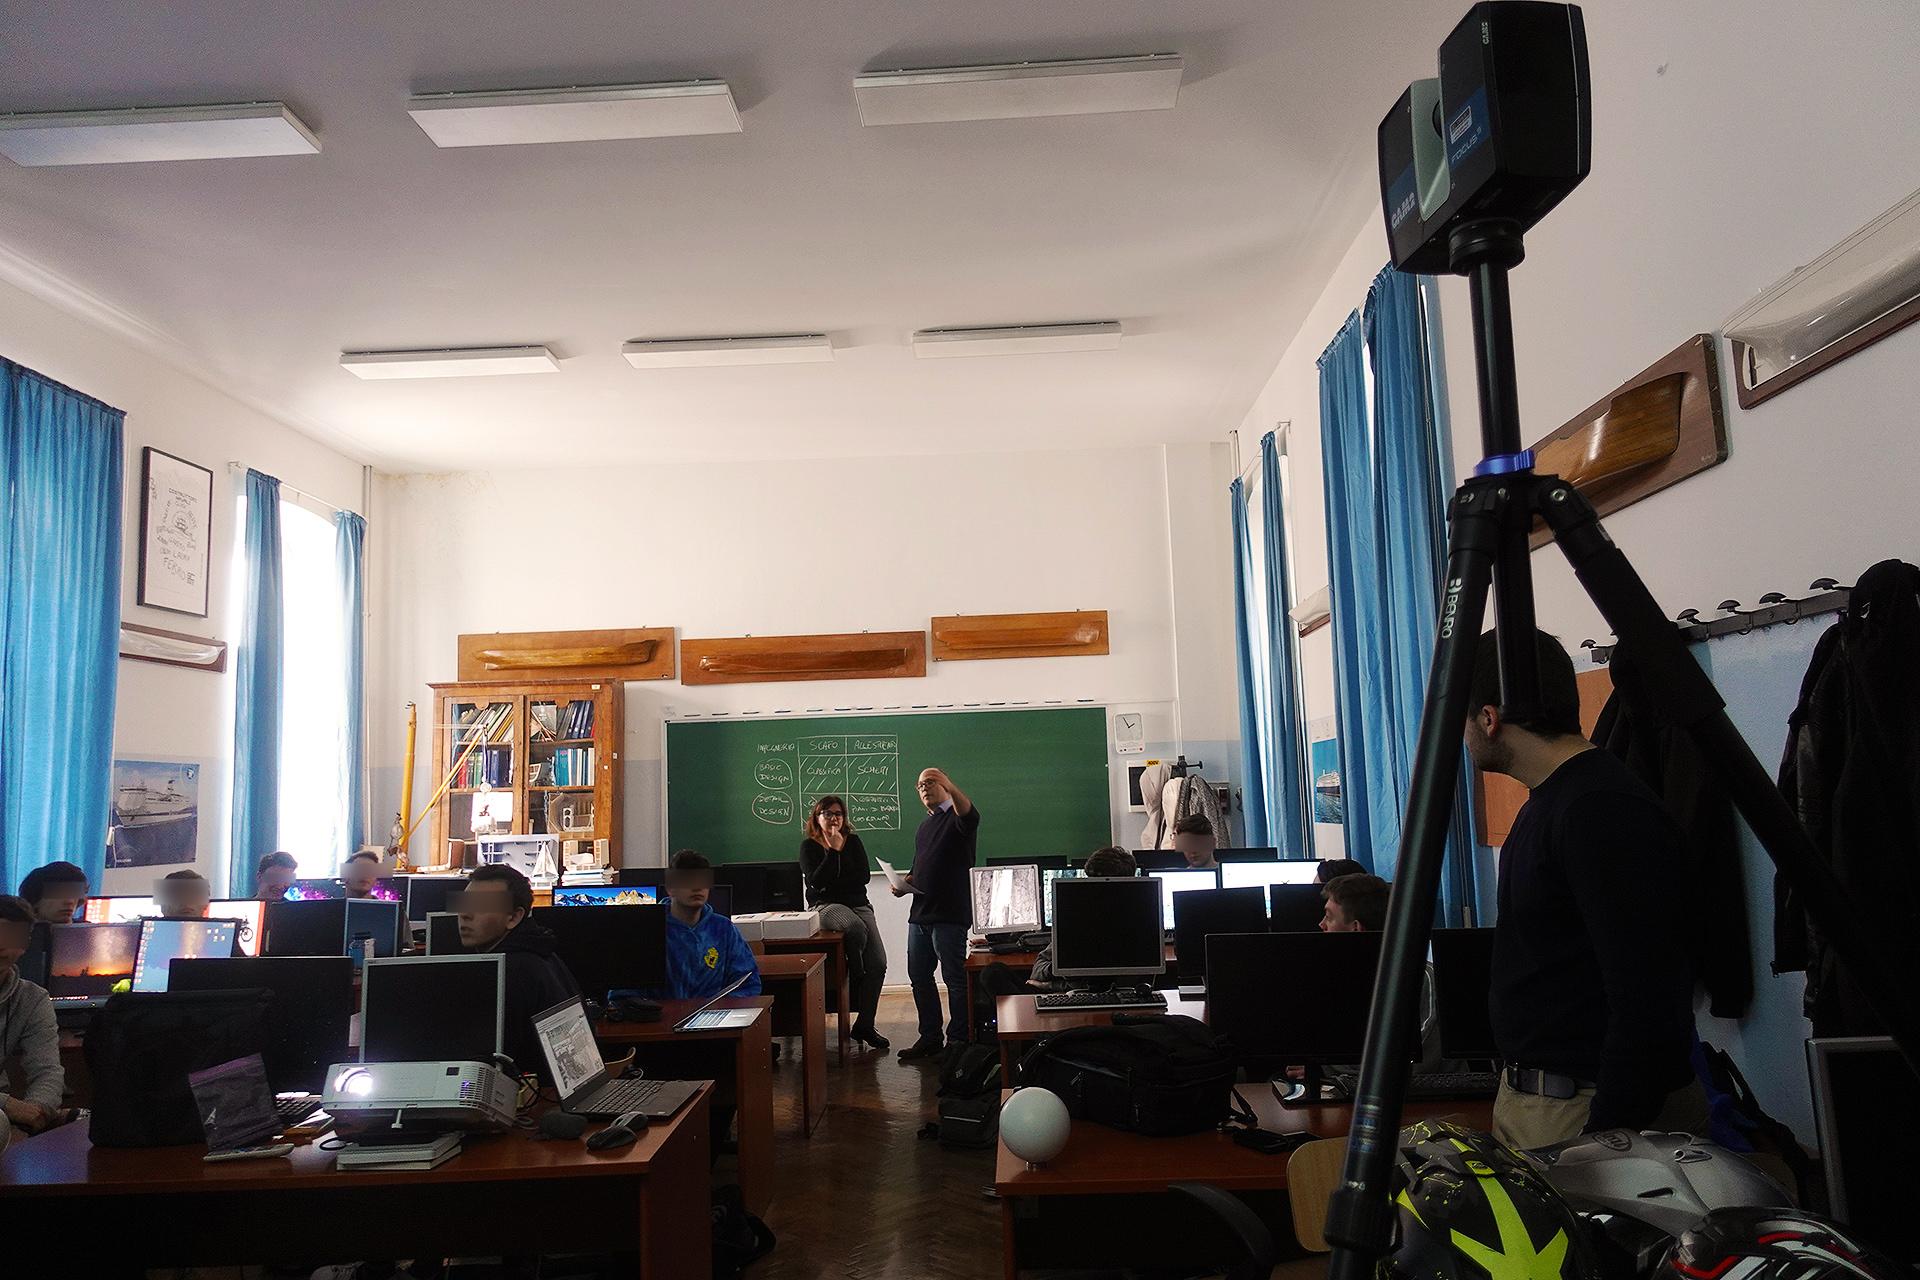 MOL2 Italia - studenti durante il workshop, scansione laser 3D a destra (Trieste, 19 febbraio 2020)